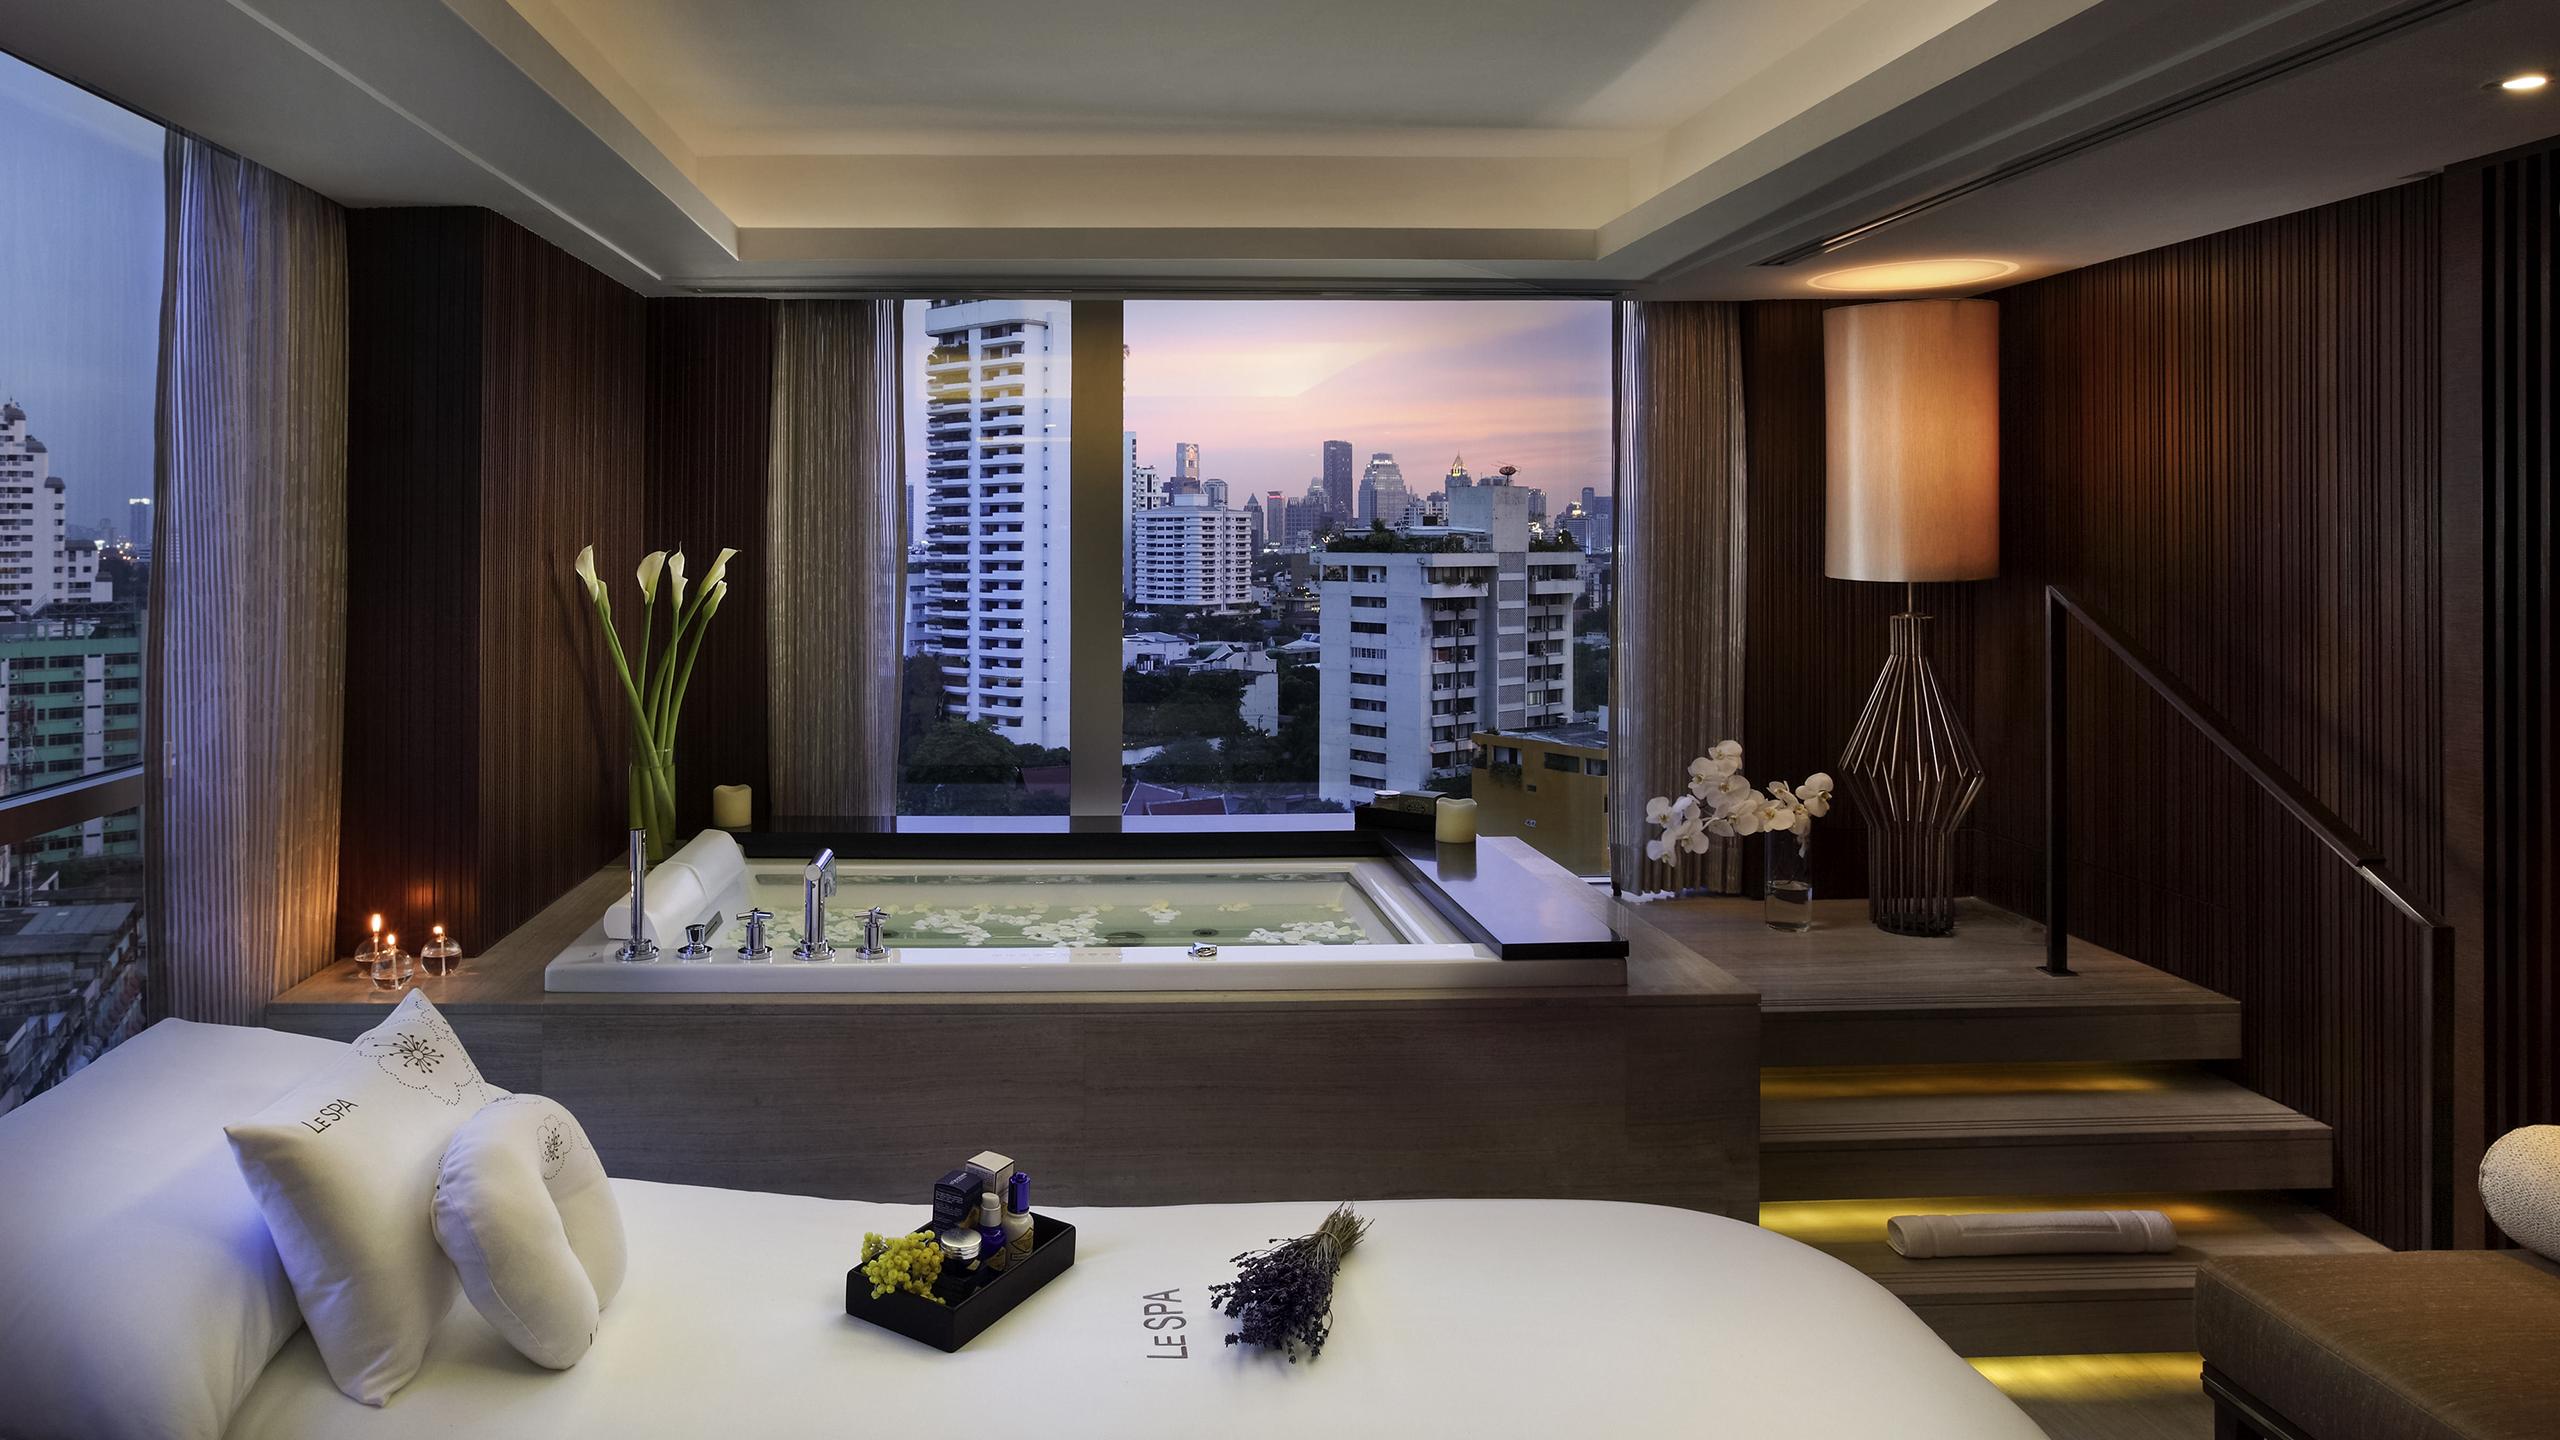 Sofitel Suite Room Rate